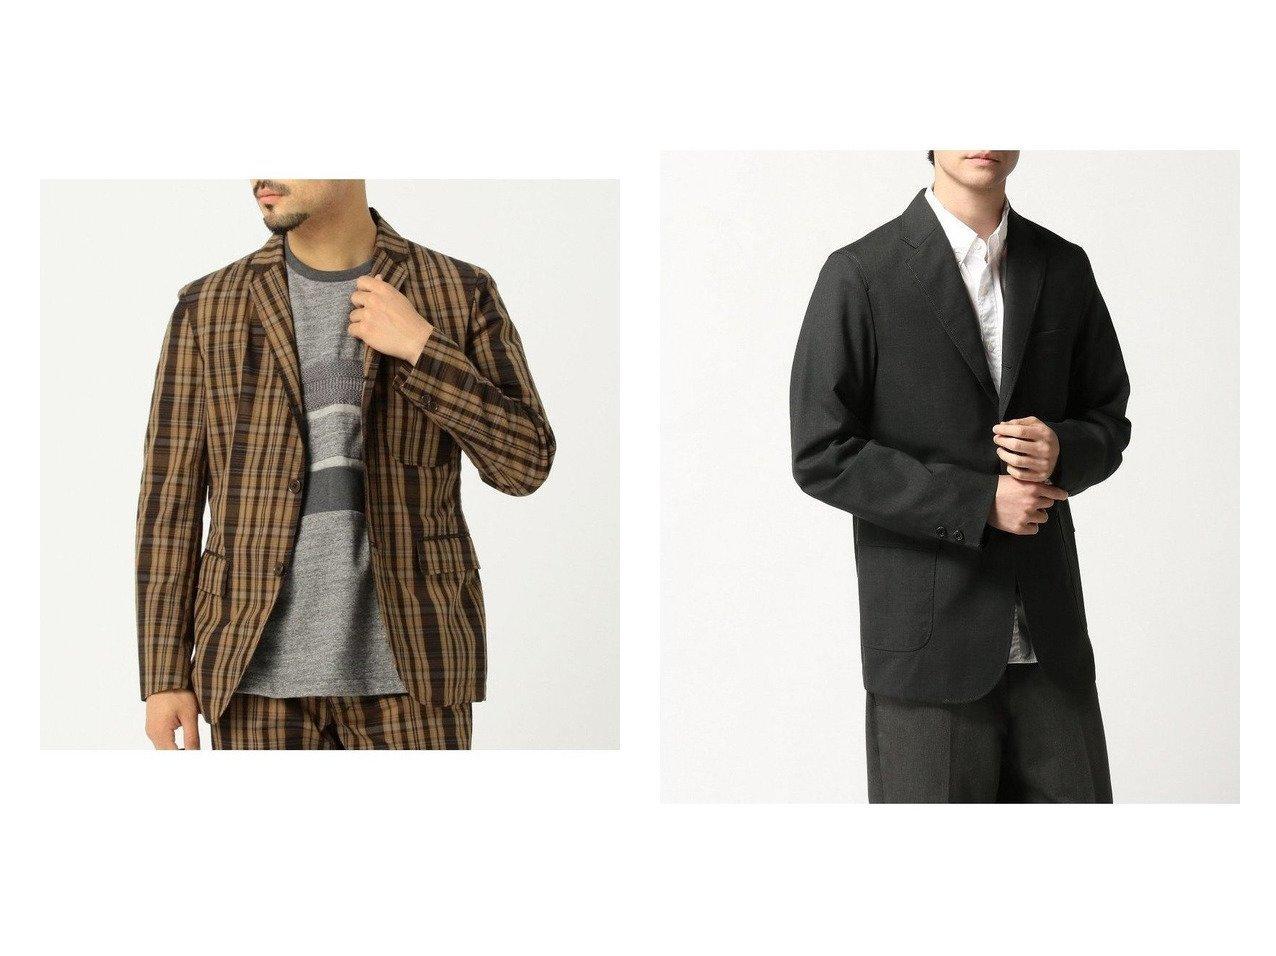 【BEAMS / MEN/ビームス】のTUBE × 別注 マドラス チェック 3B ジャケット&コンバットウール 3Bジャケット 【MEN】BEAMSのおすすめ!人気トレンド・男性、メンズファッションの通販 おすすめで人気の流行・トレンド、ファッションの通販商品 メンズファッション・キッズファッション・インテリア・家具・レディースファッション・服の通販 founy(ファニー) https://founy.com/ ファッション Fashion メンズファッション MEN NEW・新作・新着・新入荷 New Arrivals ジャケット チェック チューブ フラップ ベーシック ポケット 別注 クラシック シンプル ストレッチ スポーツ スリーブ ハーフ パッチ ライニング |ID:crp329100000017278